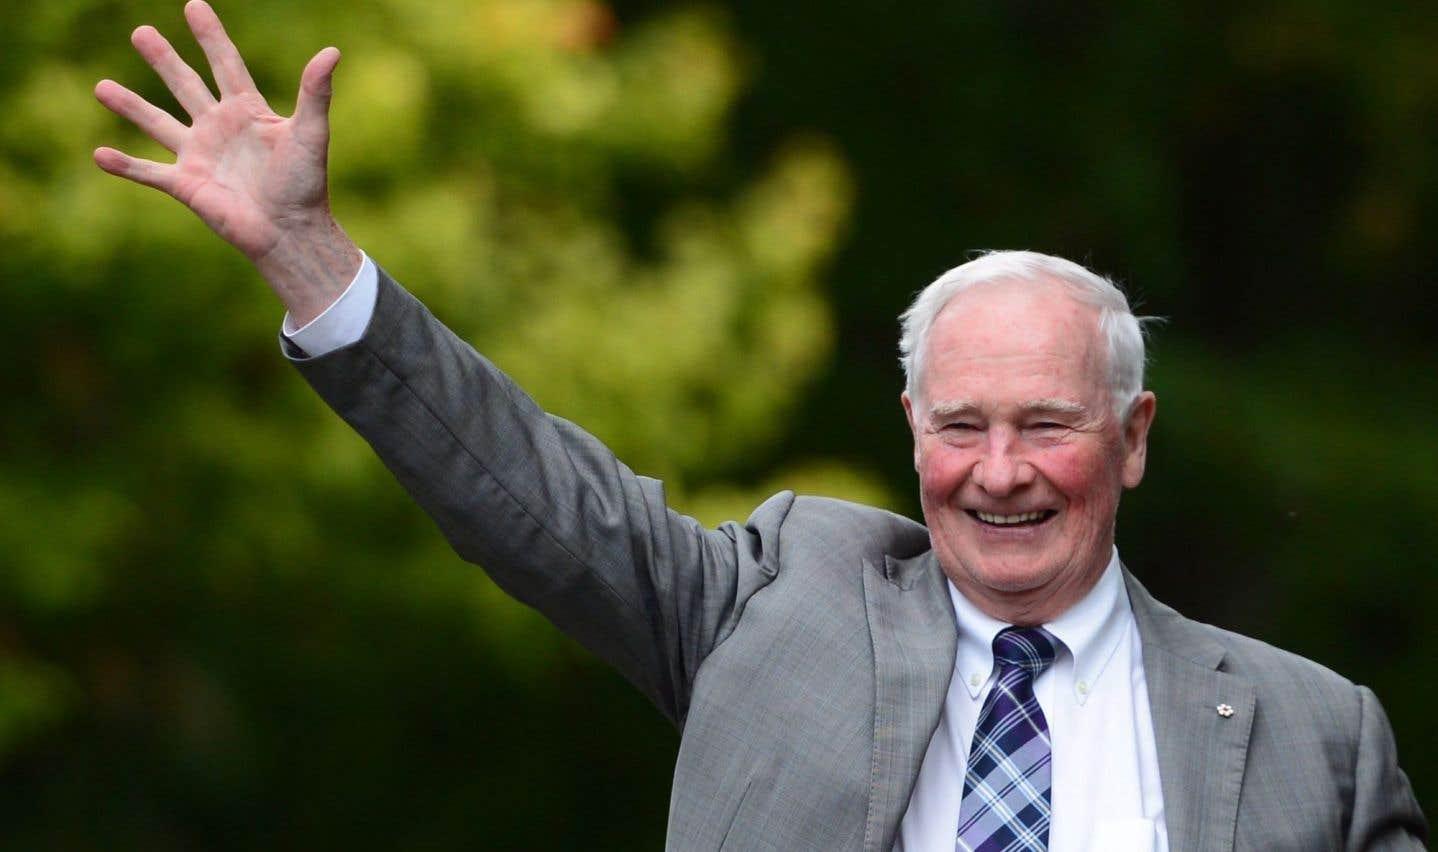 David Johnston fait ses adieux au poste de gouverneur général